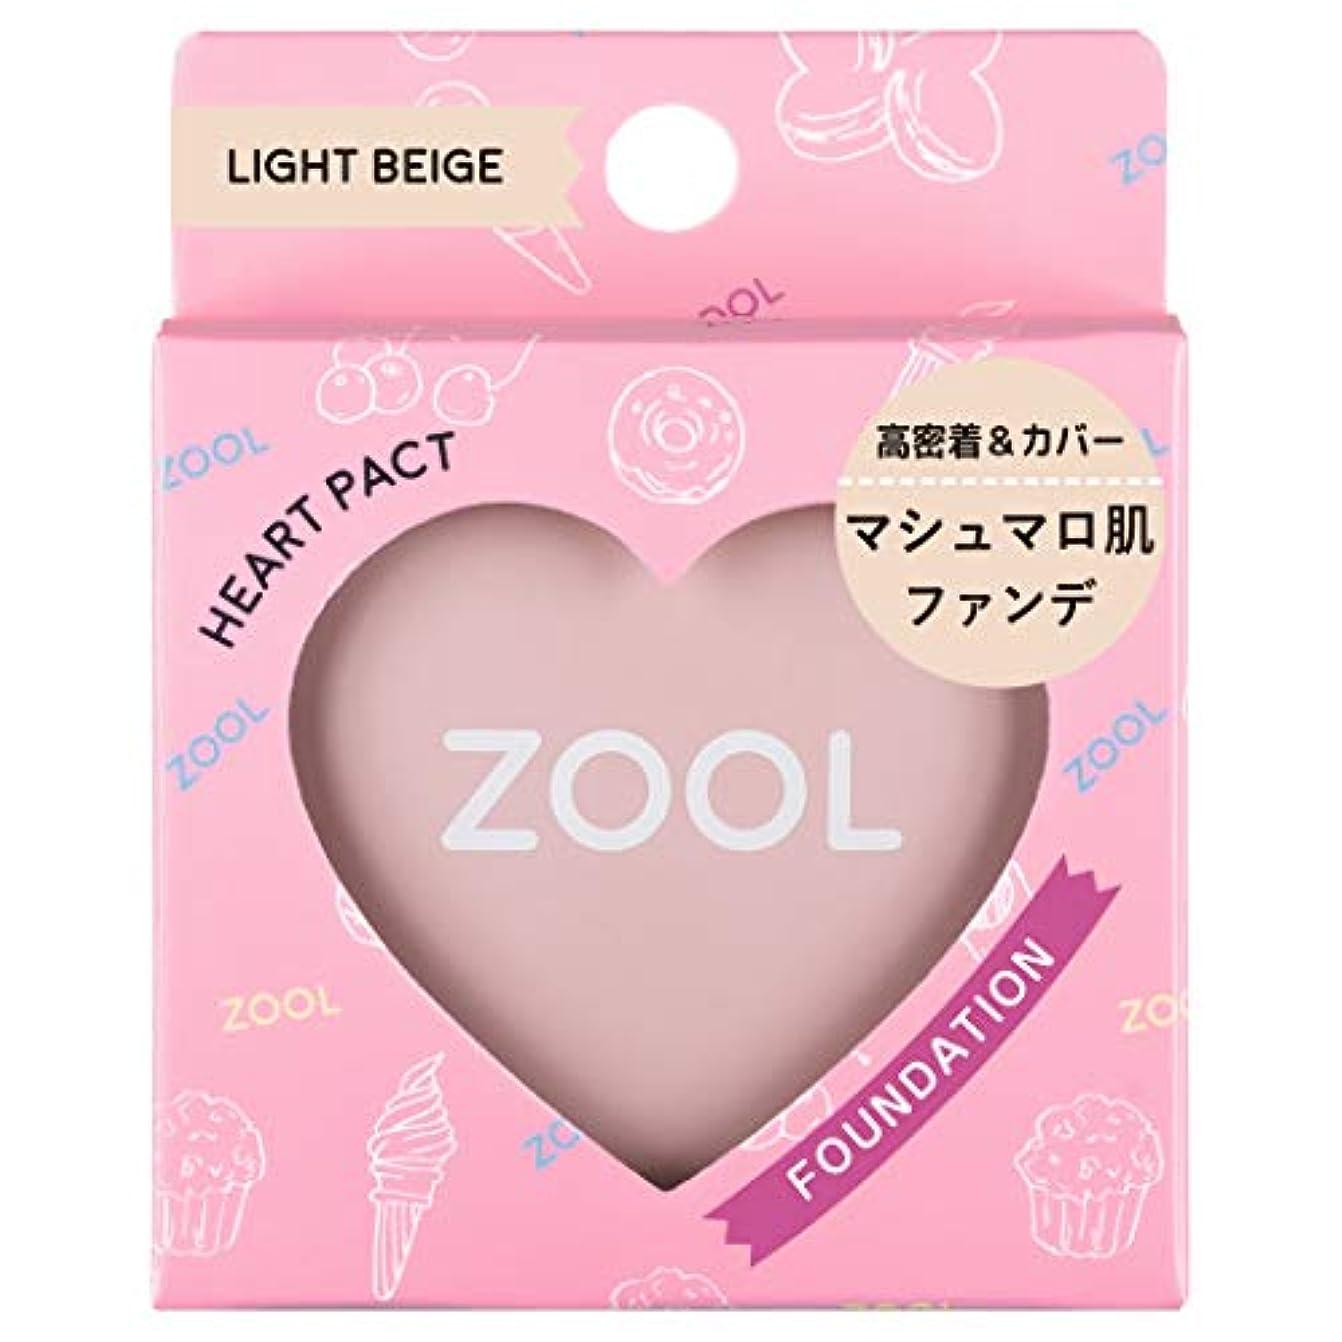 何かスーツケースボトルネックZOOL (ズール) ハートパクト ライトベージュ (ファンデ) (1個)